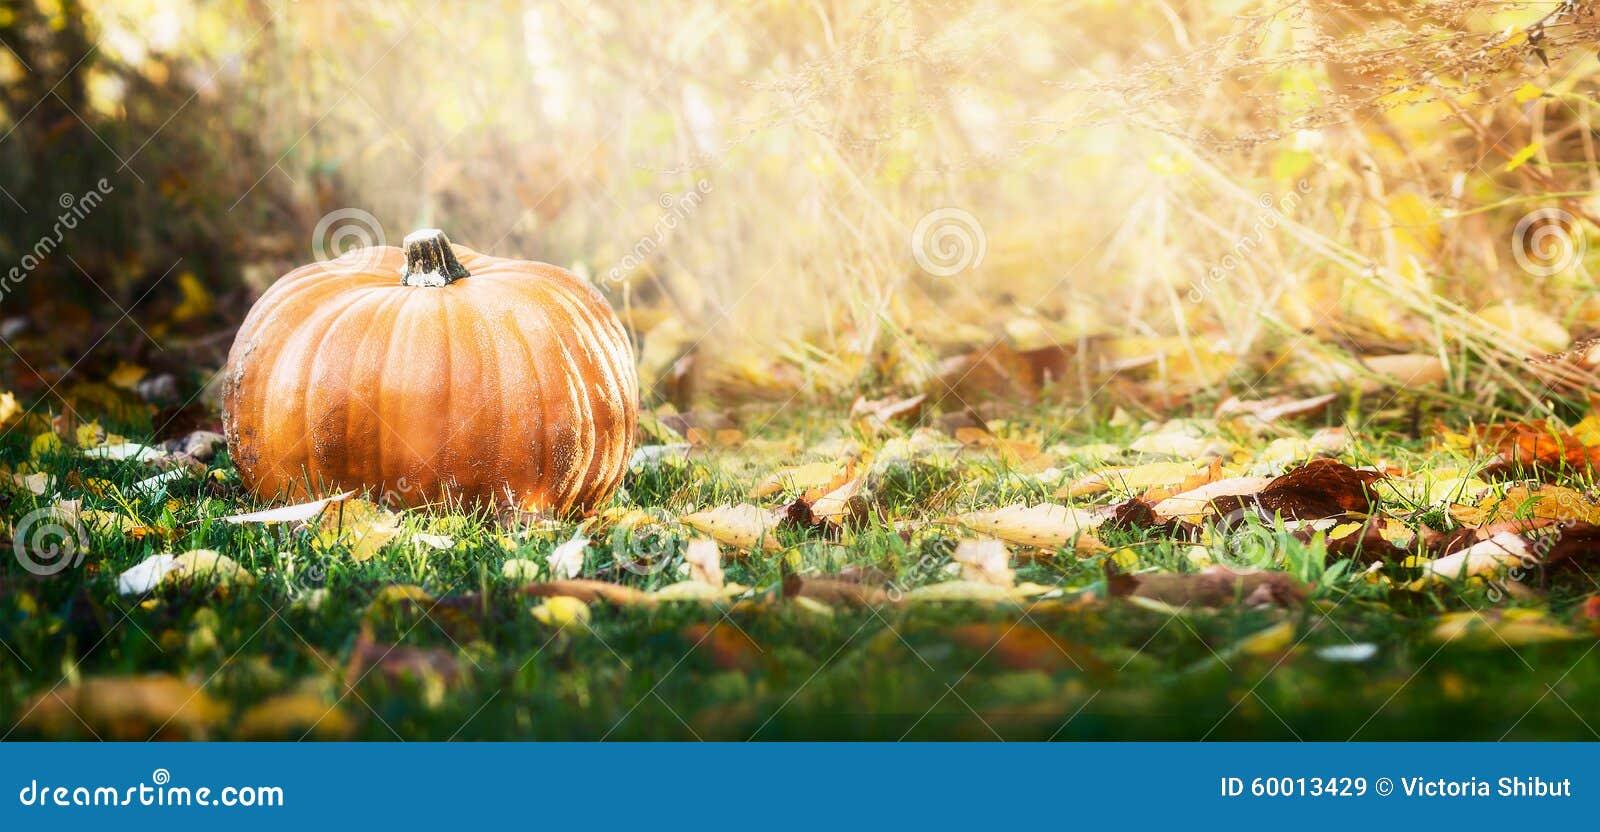 Schöner Kürbis über Falllandschaft mit Rasen, Bäumen und Laub Herbst, der Naturkonzept erntet